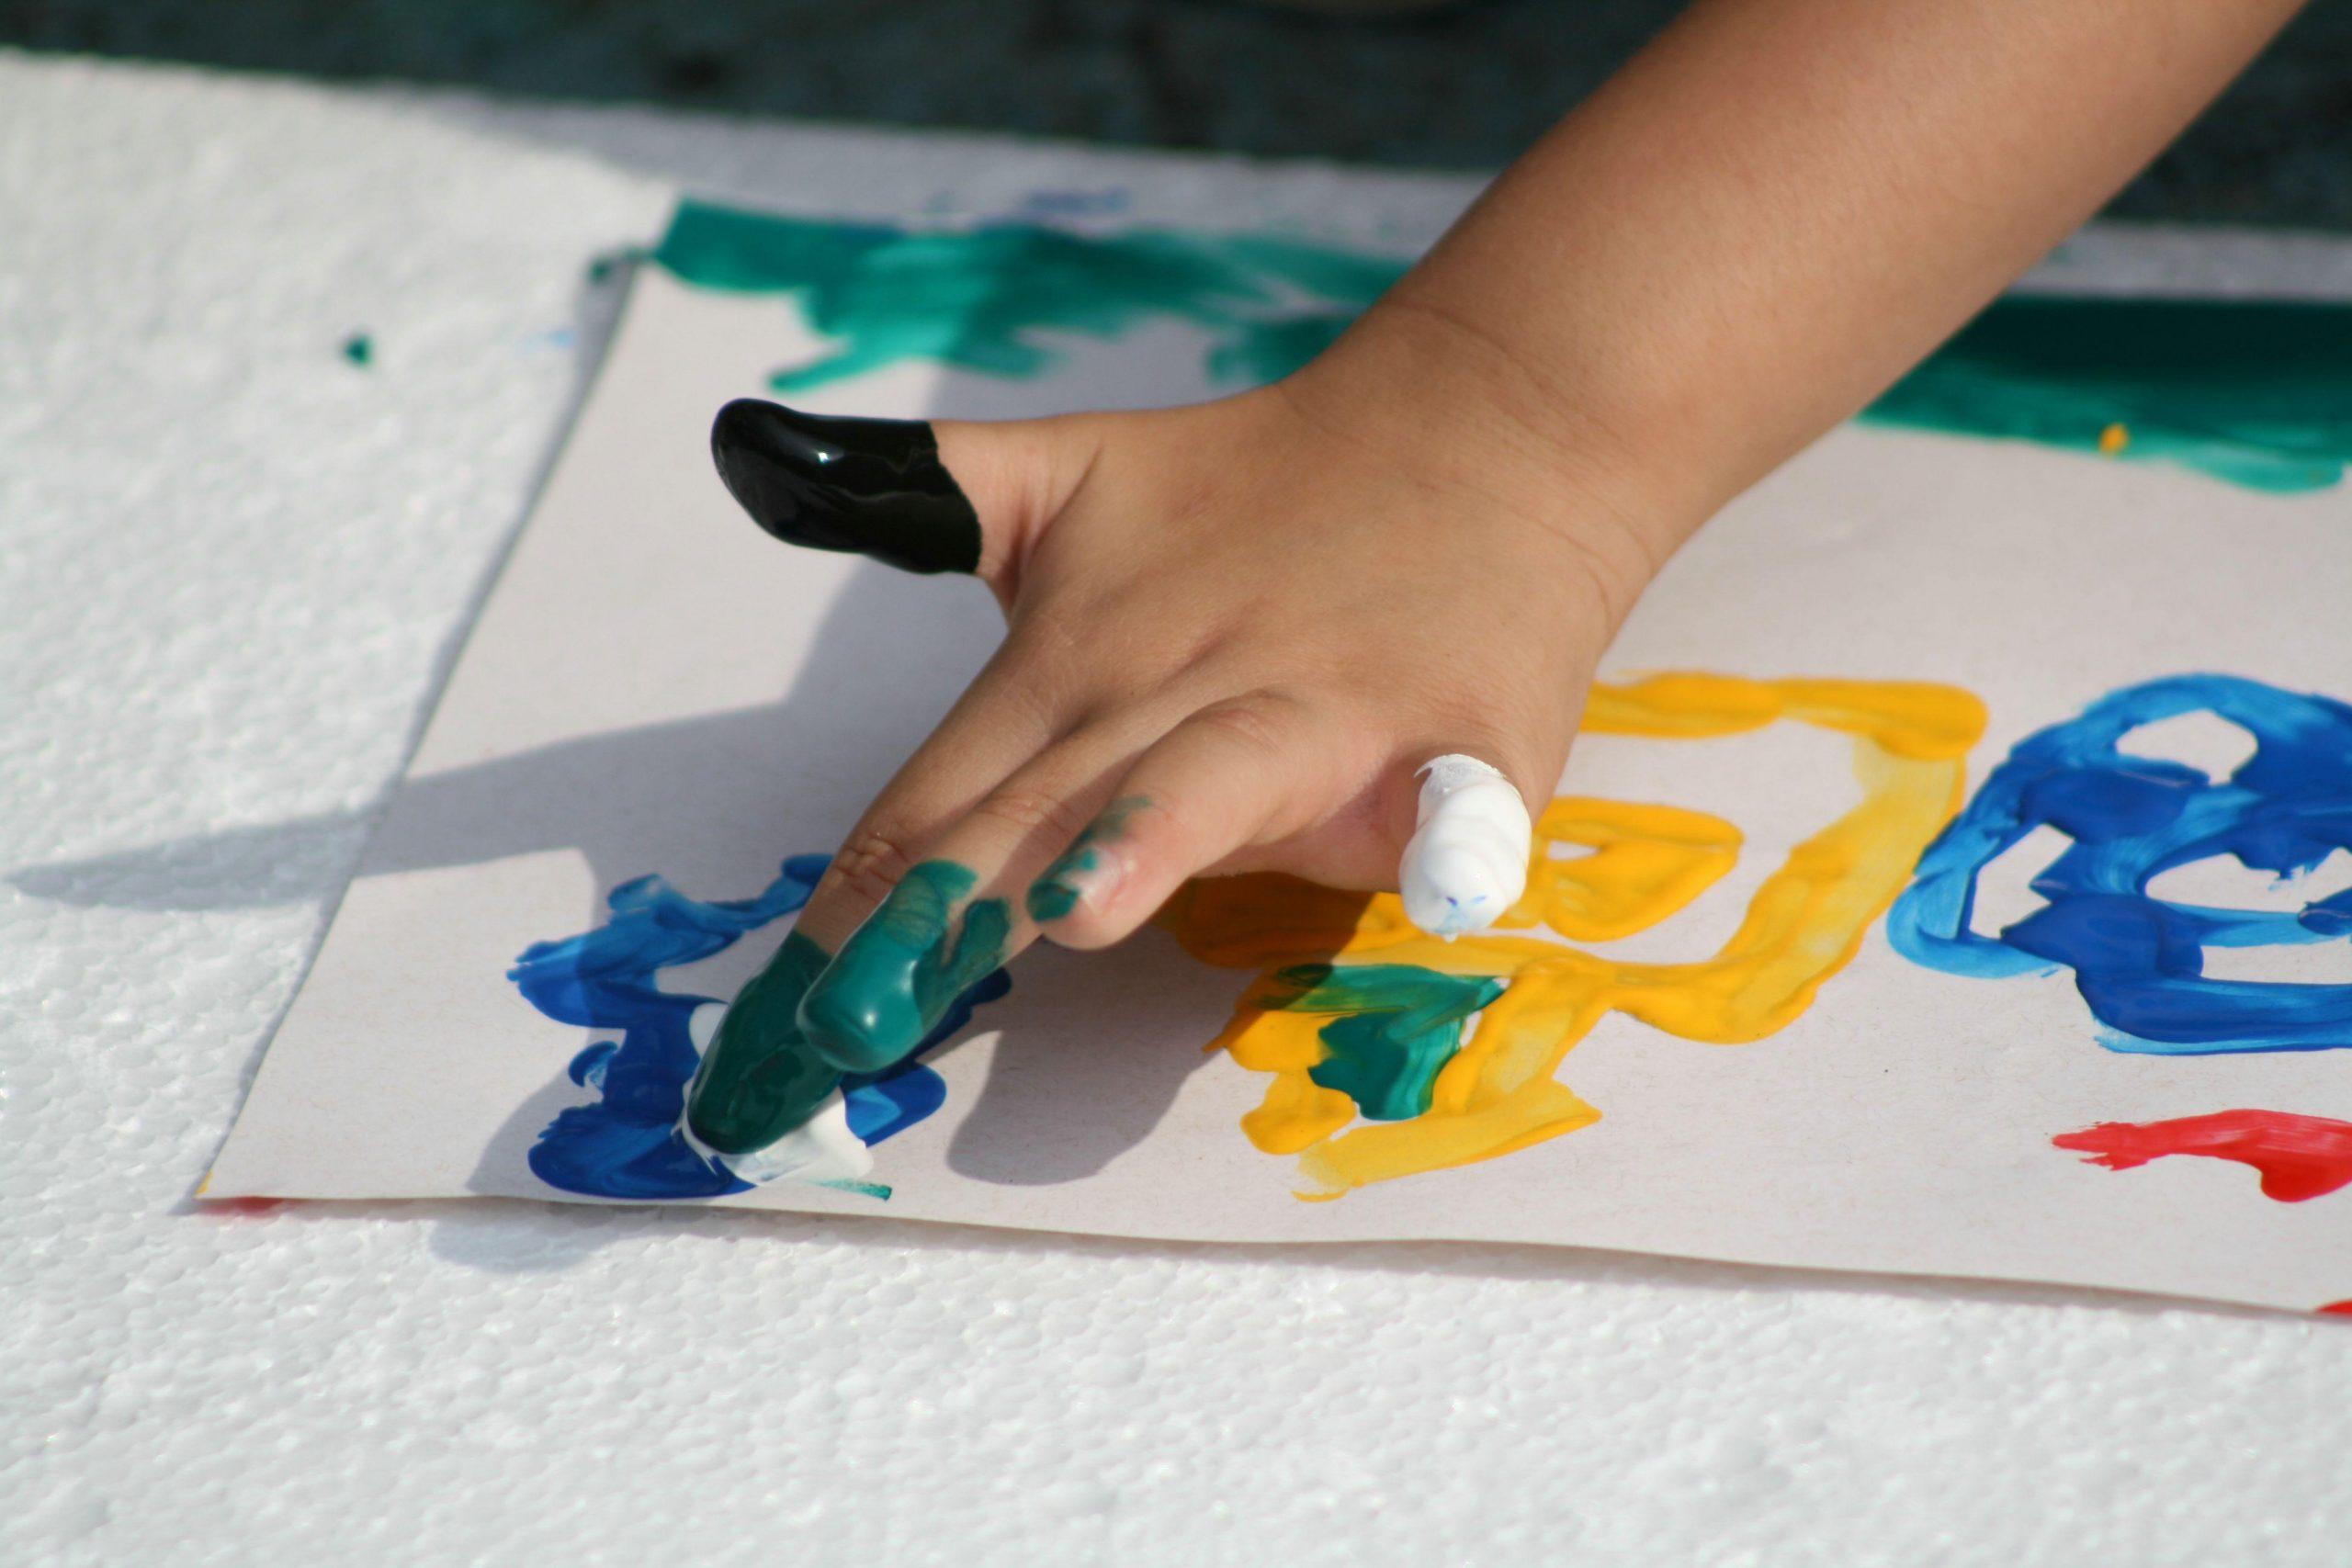 Le Top 10 Des Activités Manuelles Pour Les Enfants dedans Activité Manuelle Pour Petit